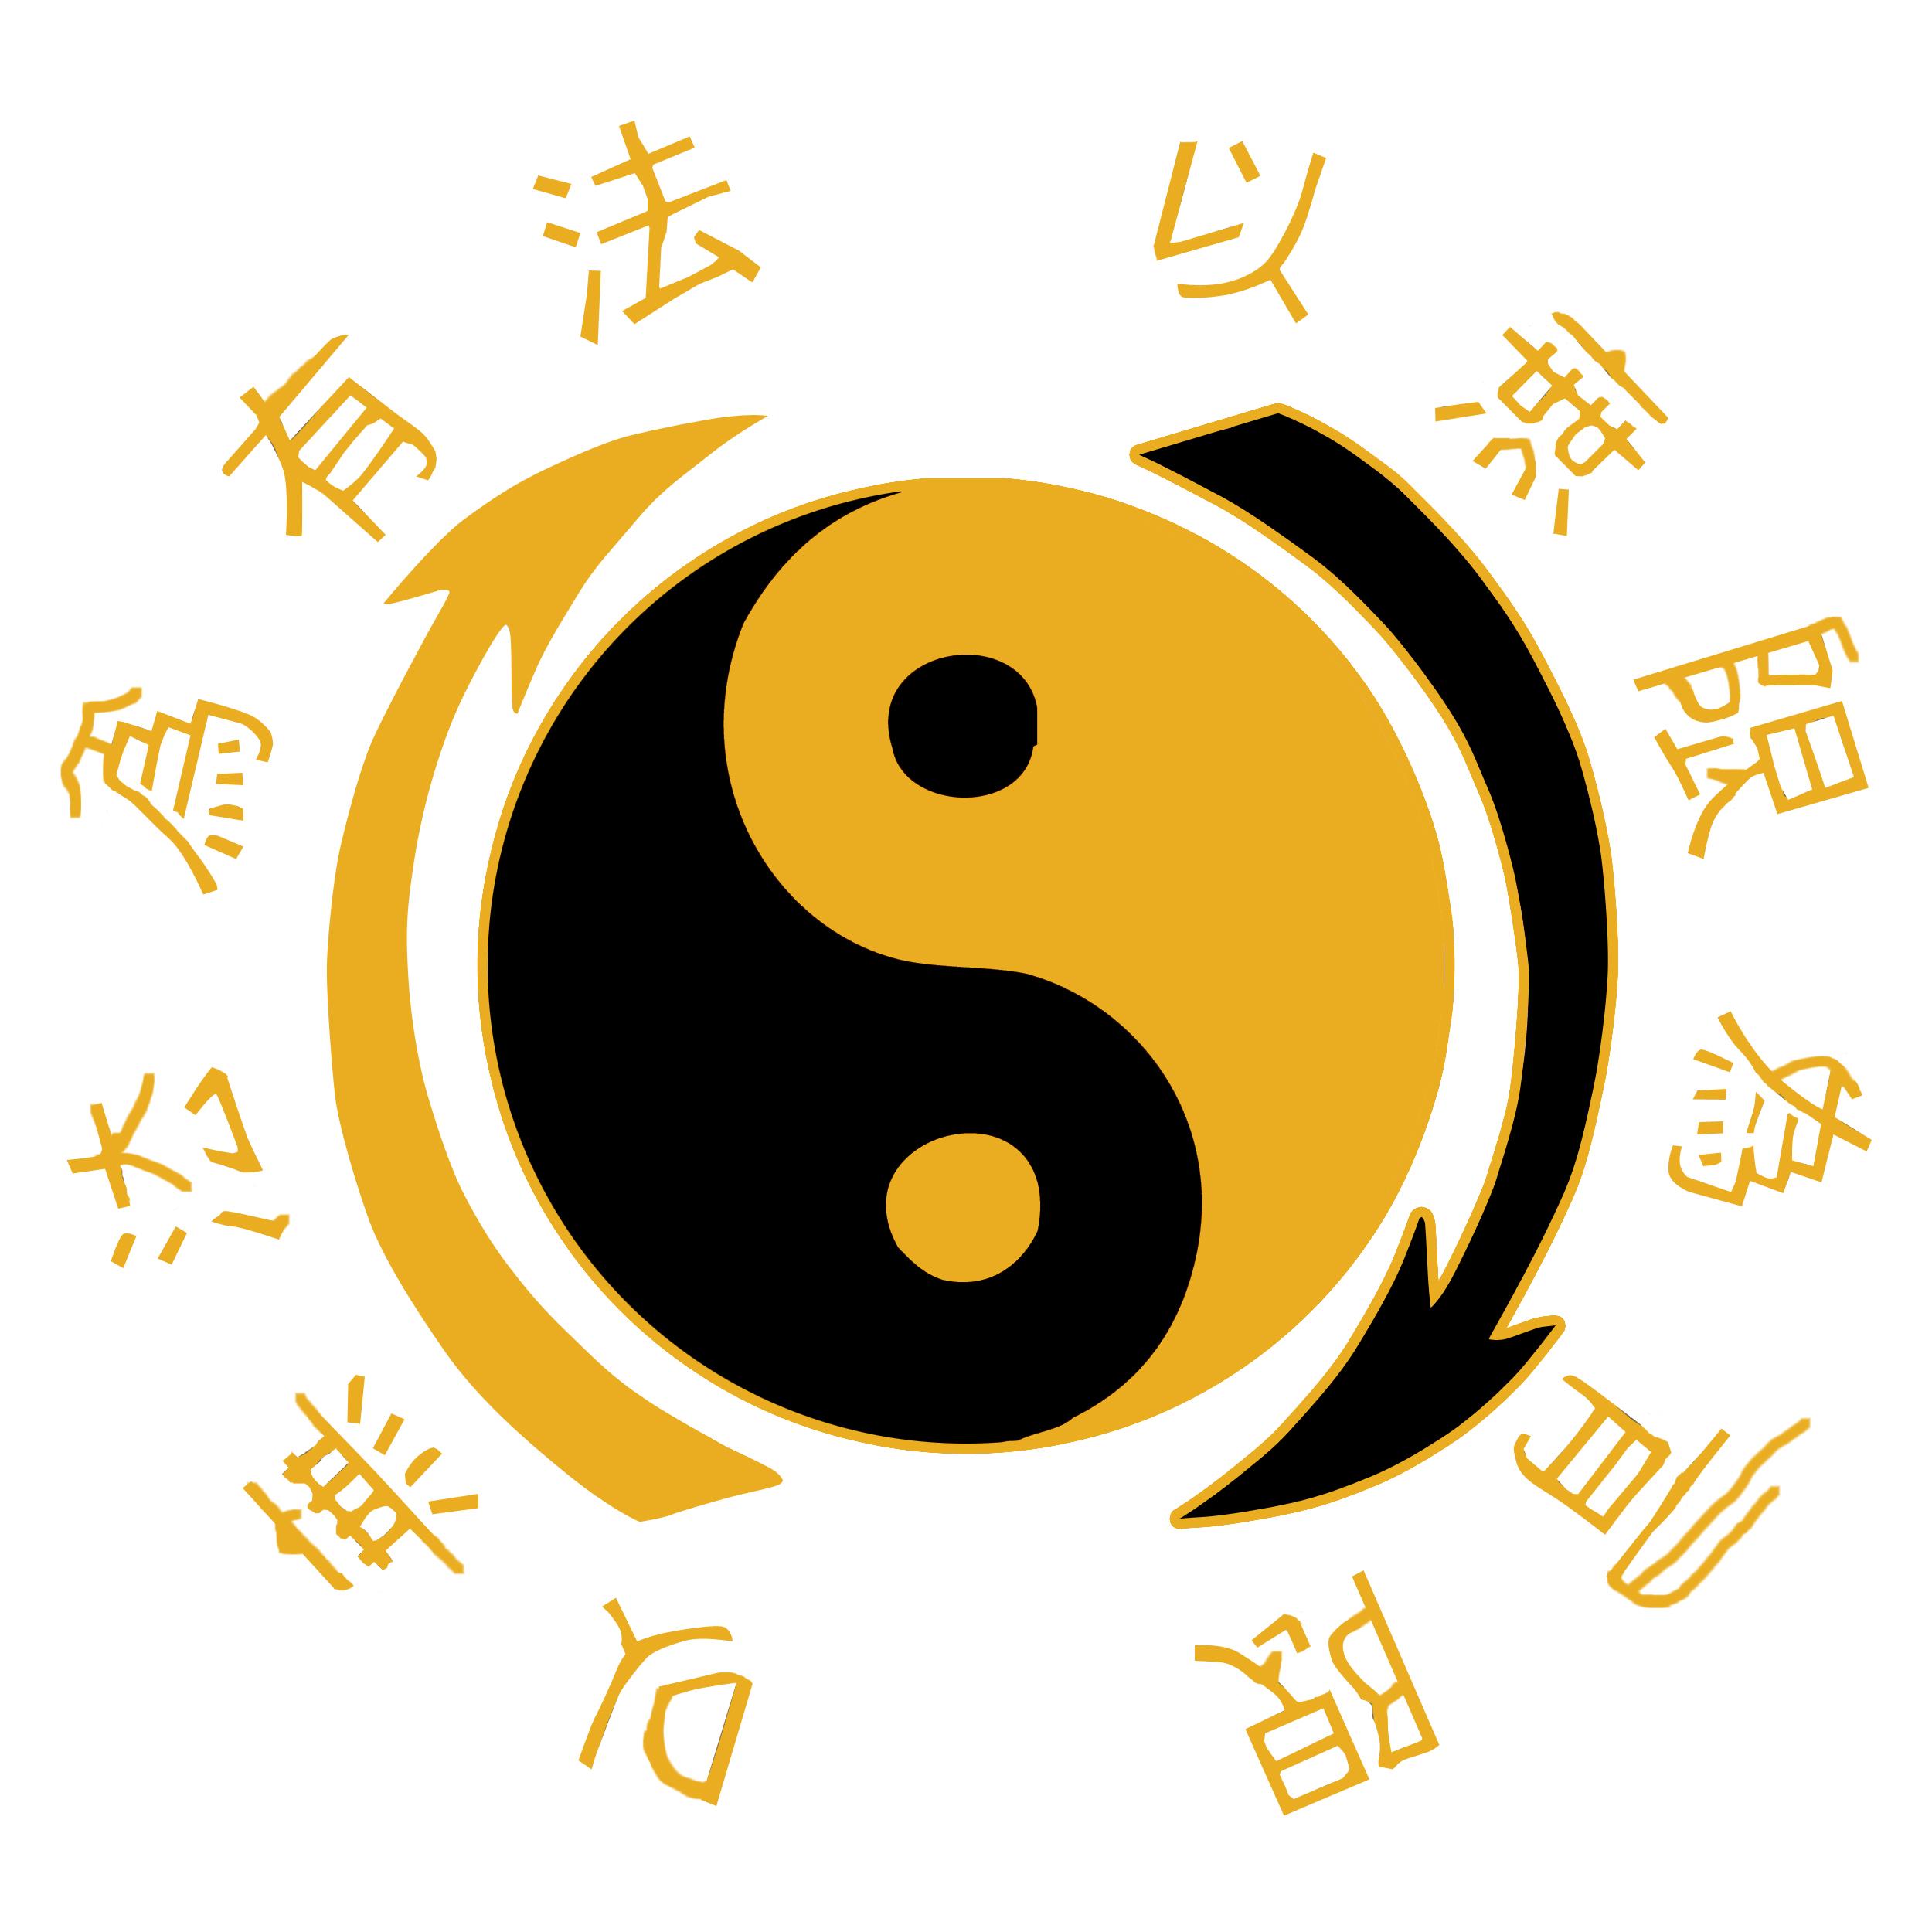 Jun Fan Jkd Logo Jkd London Bruce Lee Jeet Kune Do